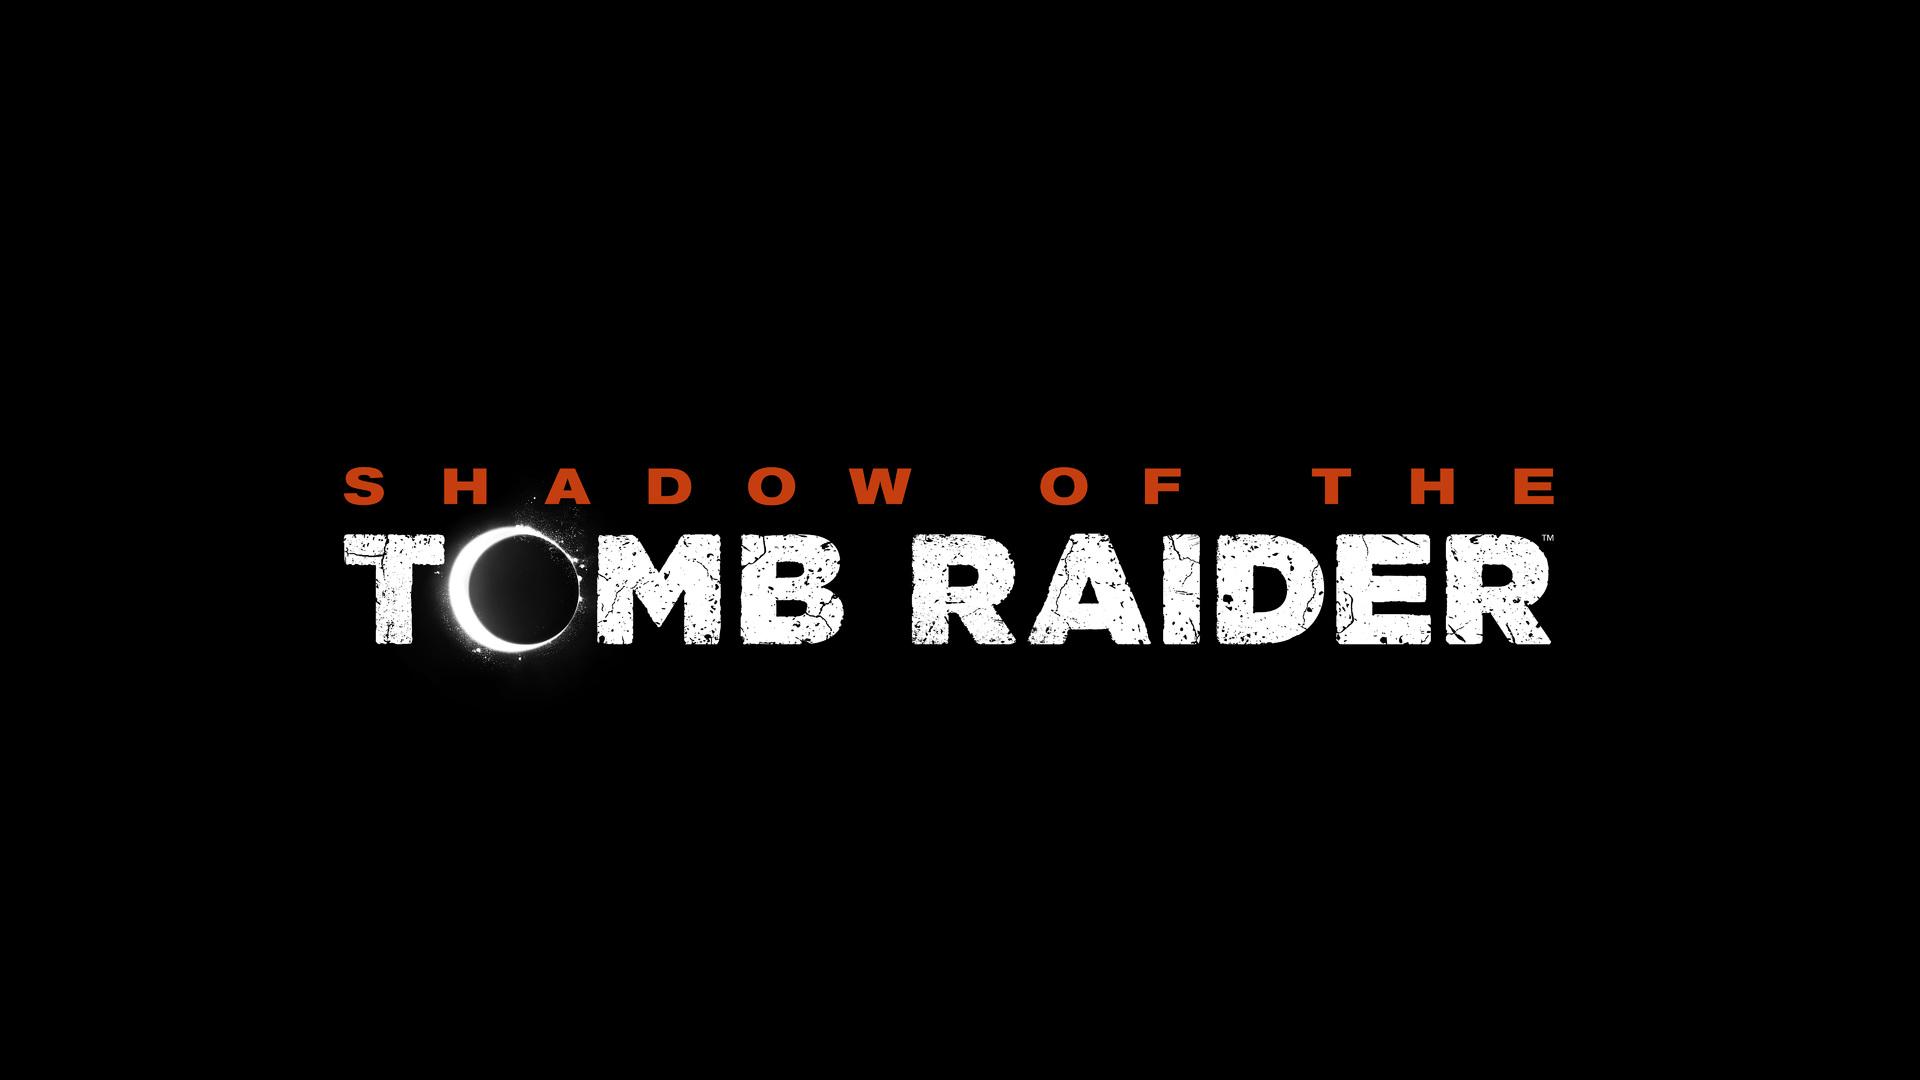 В новом геймплейном ролике Shadow of the Tomb Raider Лара Крофт ругается матом и исследует остров